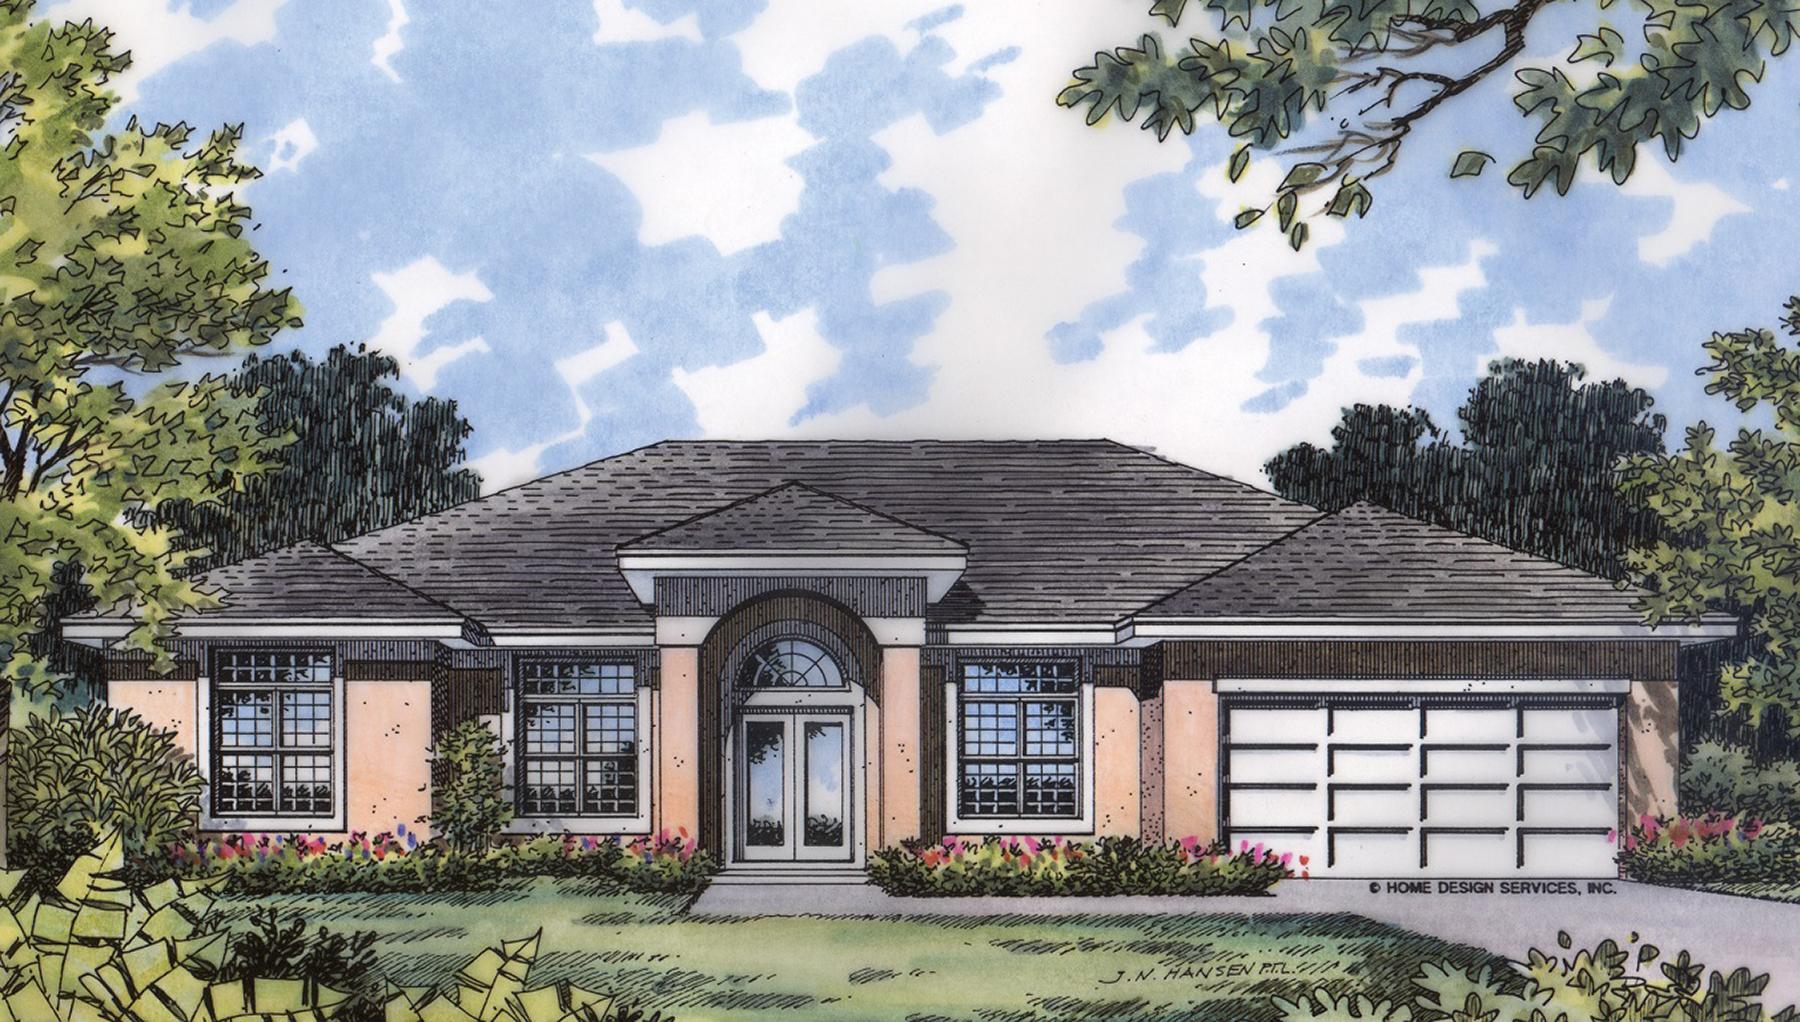 Casa Unifamiliar por un Venta en DEBARY 137 Hawkcrest Ct Debary, Florida, 32713 Estados Unidos